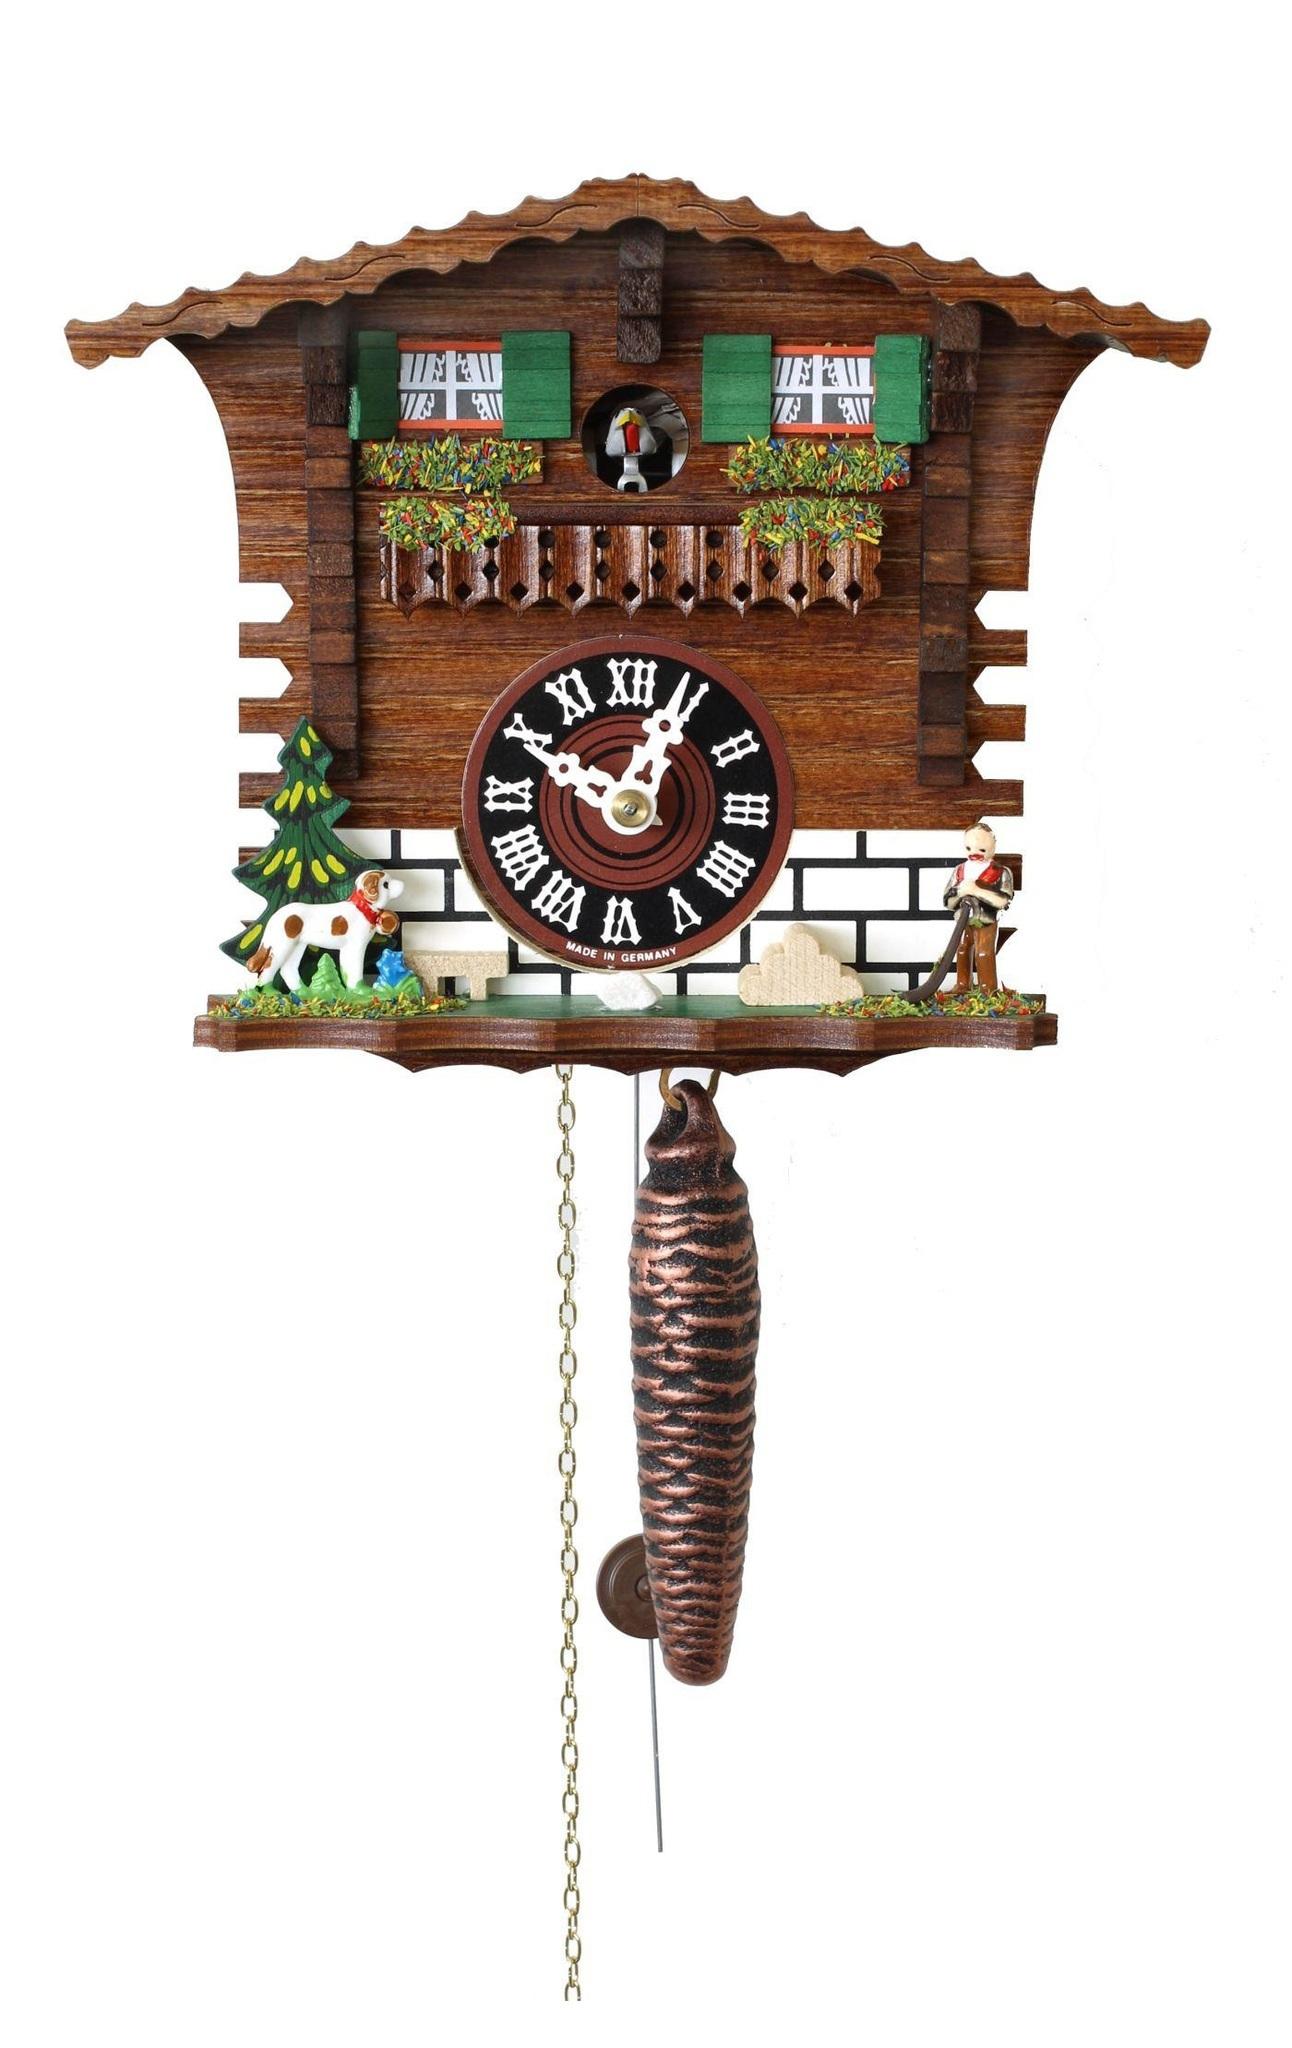 Часы настенные Часы настенные с кукушкой Trenkle 623 chasy-nastennye-s-kukushkoy-trenkle-623-germaniya-vid.jpg